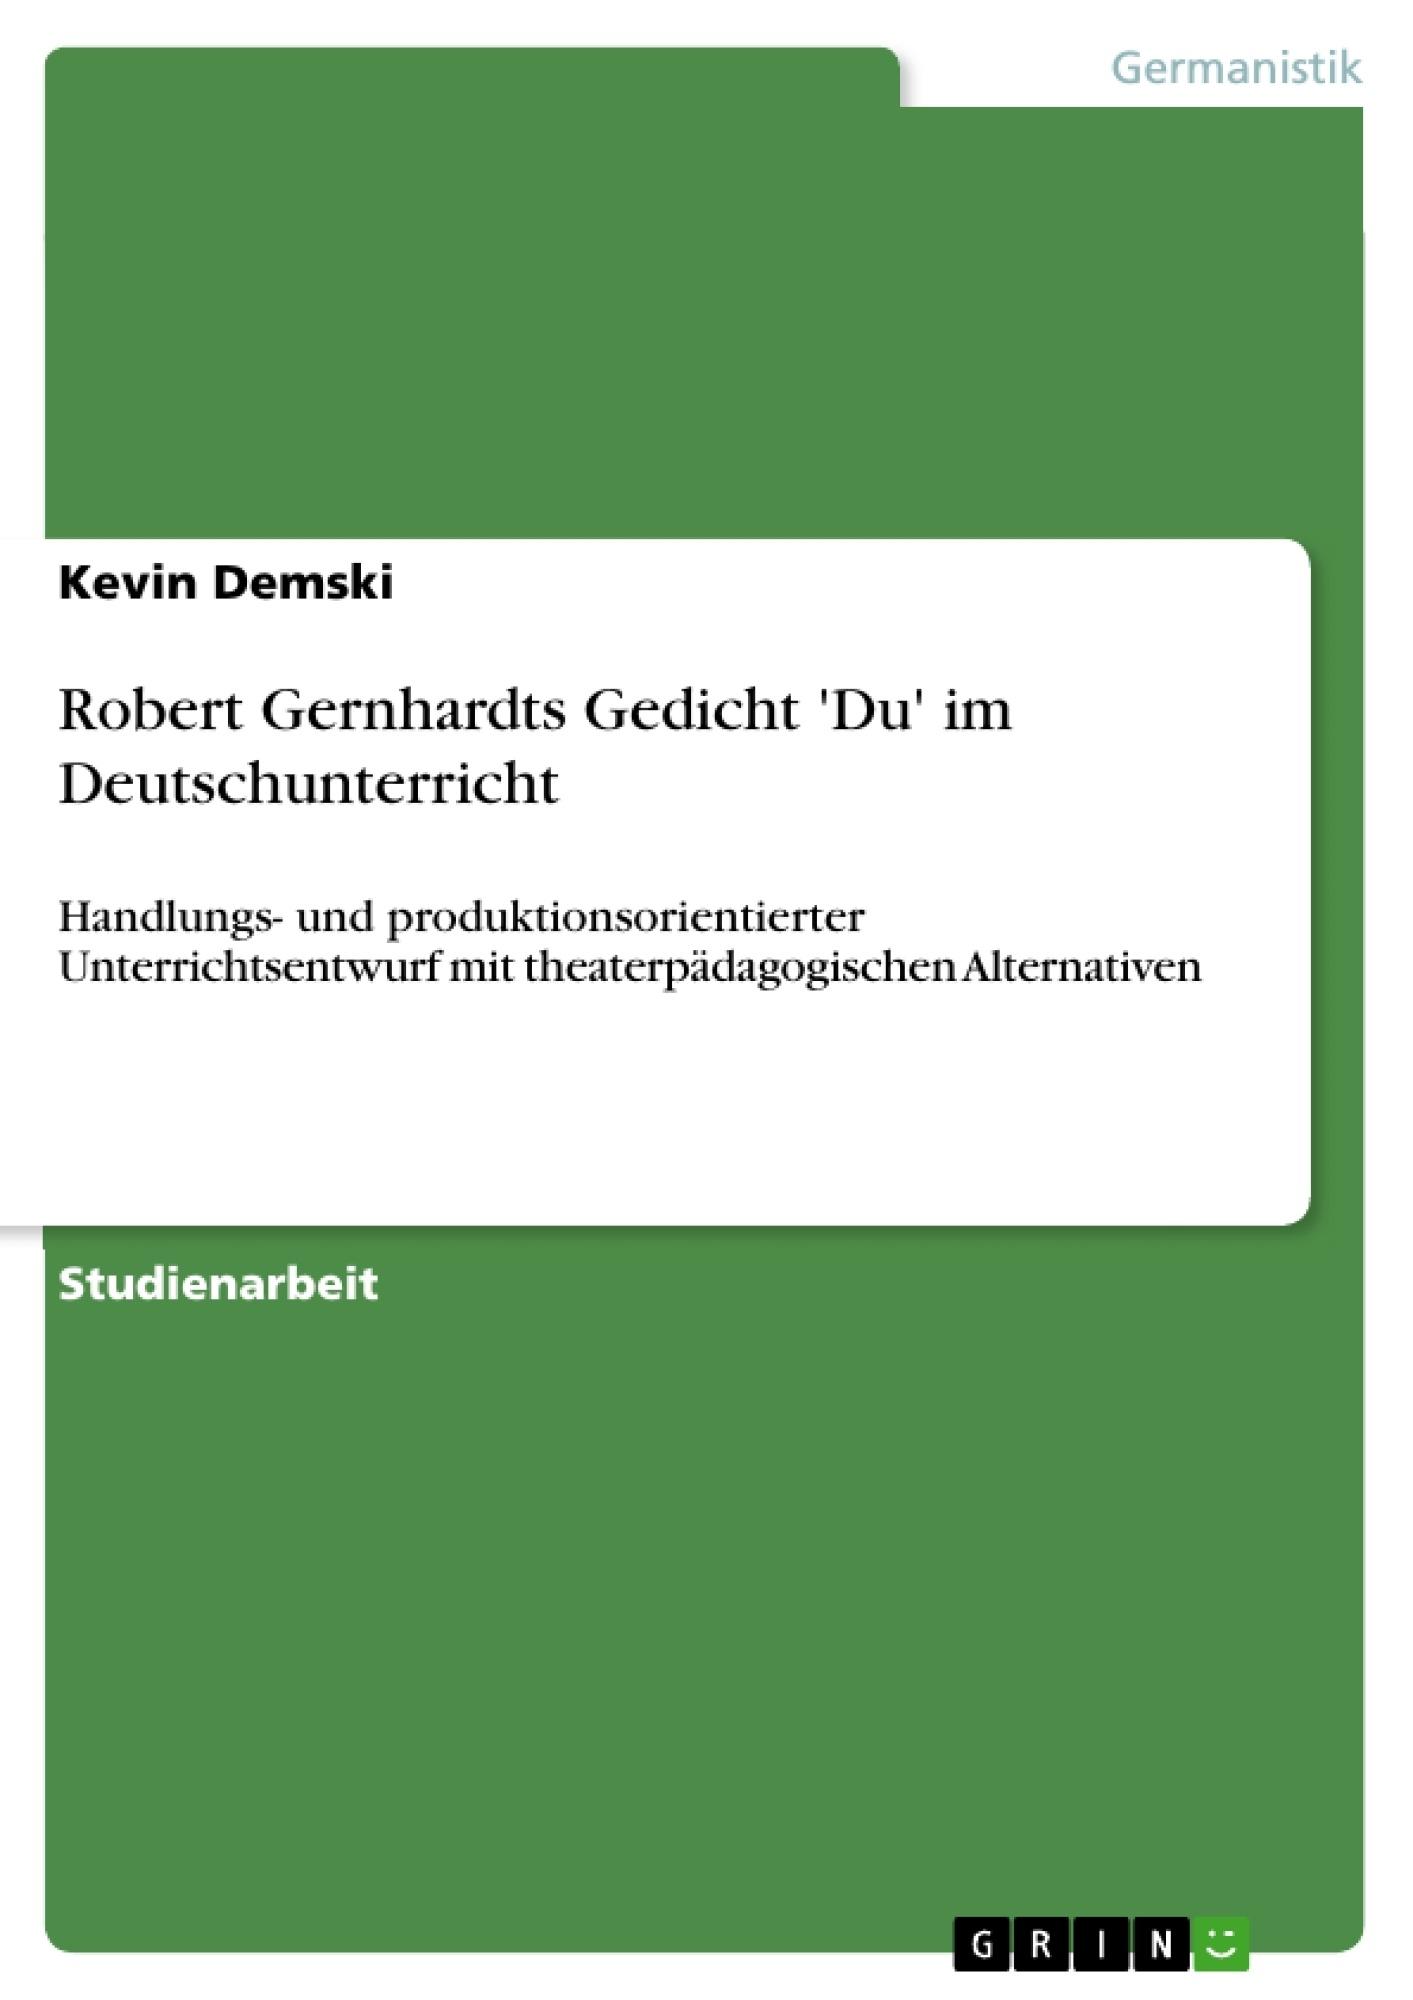 Titel: Robert Gernhardts Gedicht 'Du' im Deutschunterricht